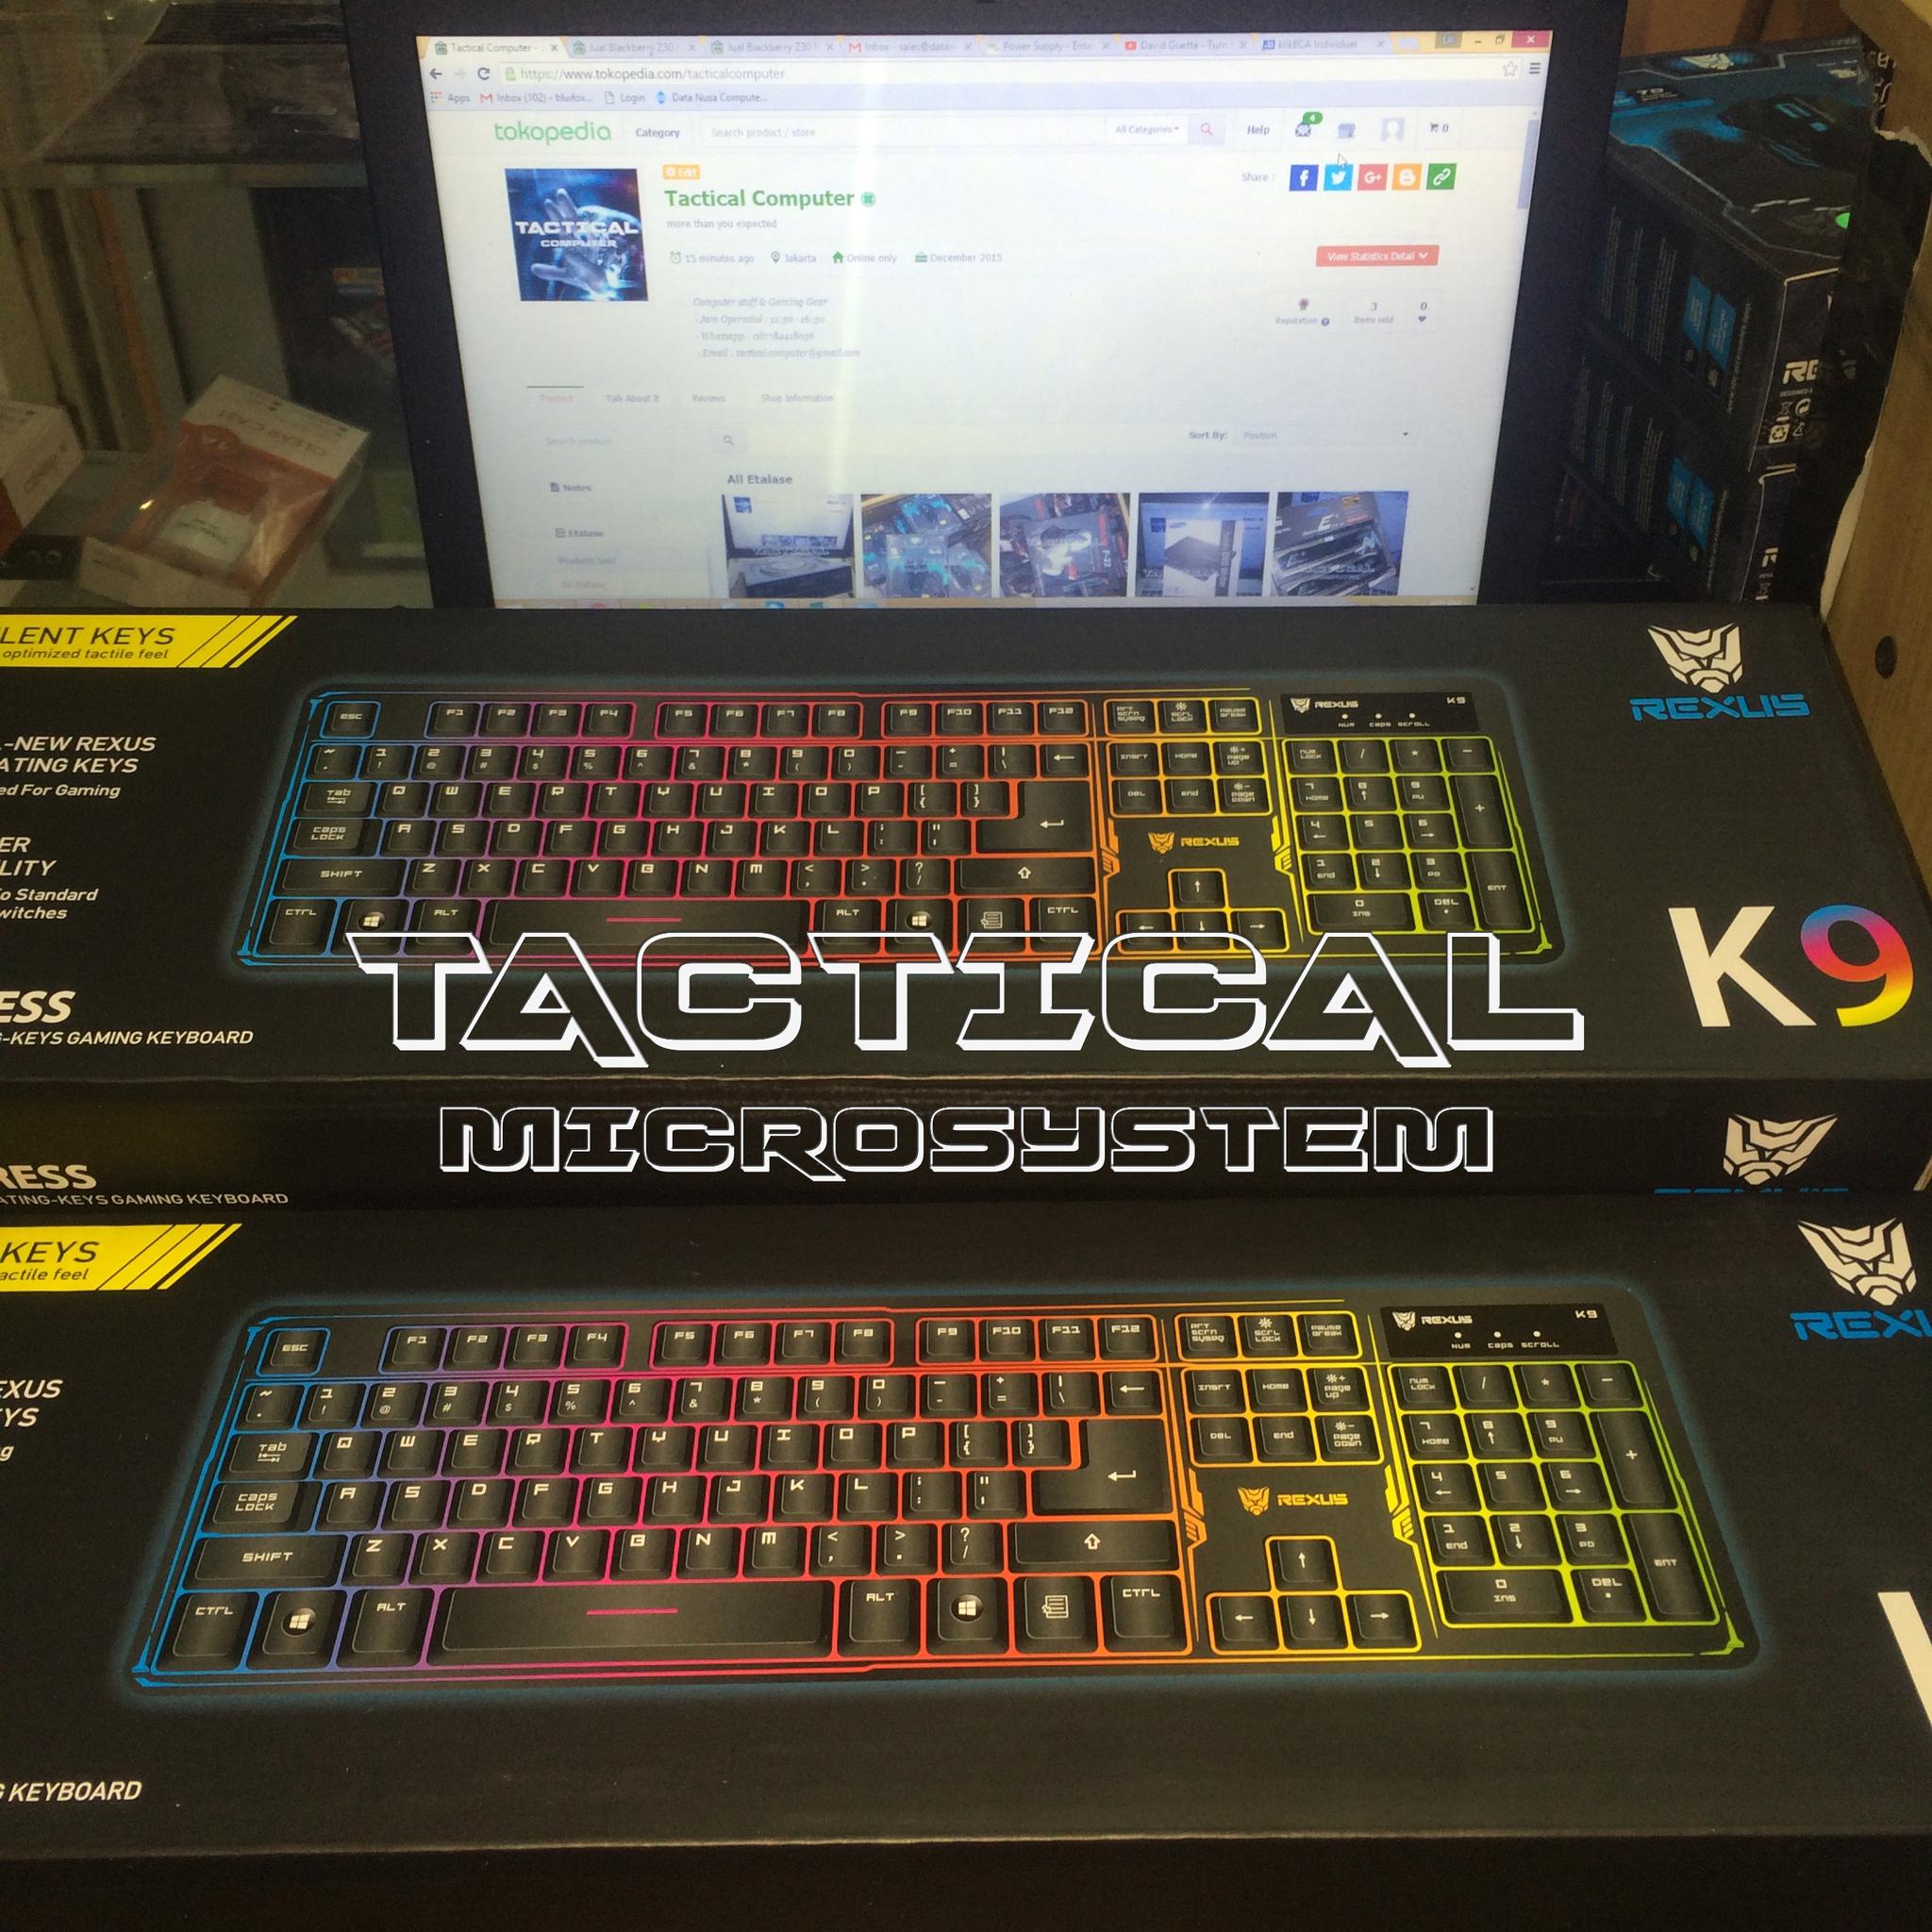 Rexus K9 Fortress Chroma Gaming Keyboard Daftar Harga Terbaru K9tkl Jual Murah Semi Mechanical Led Backlit Tactical Microsystem